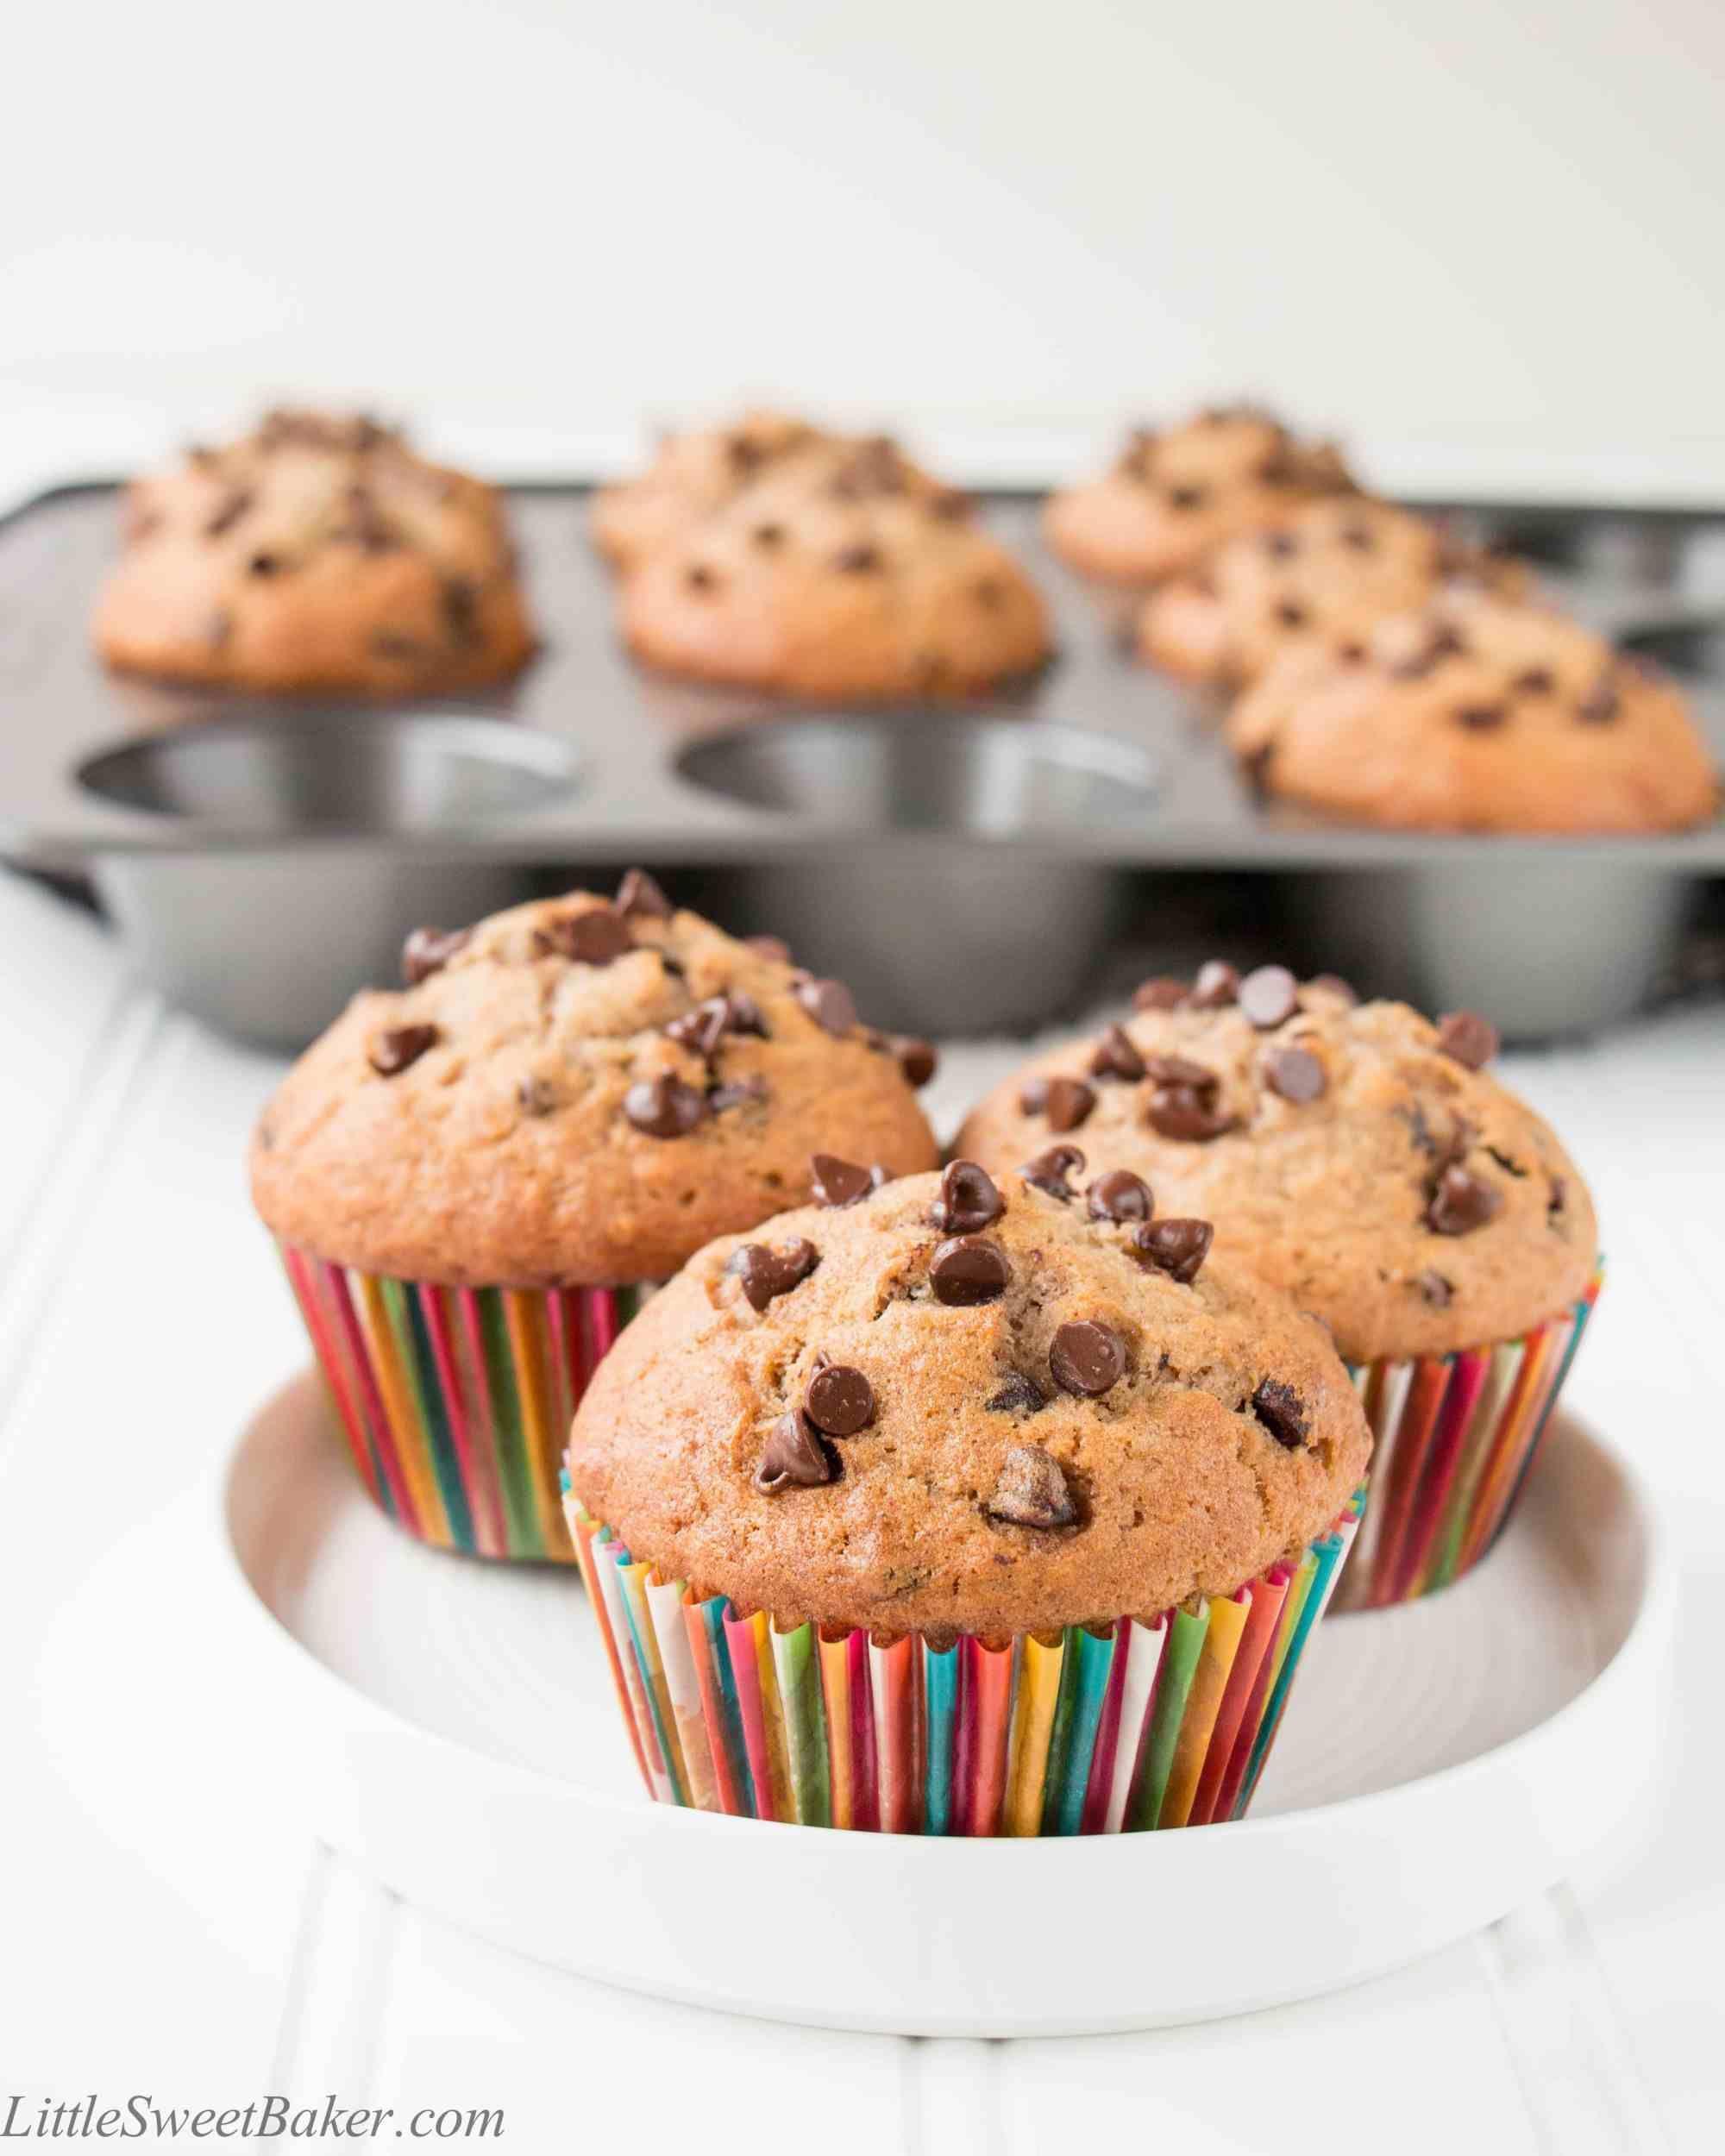 Banana chocolate chip muffins recipe moist